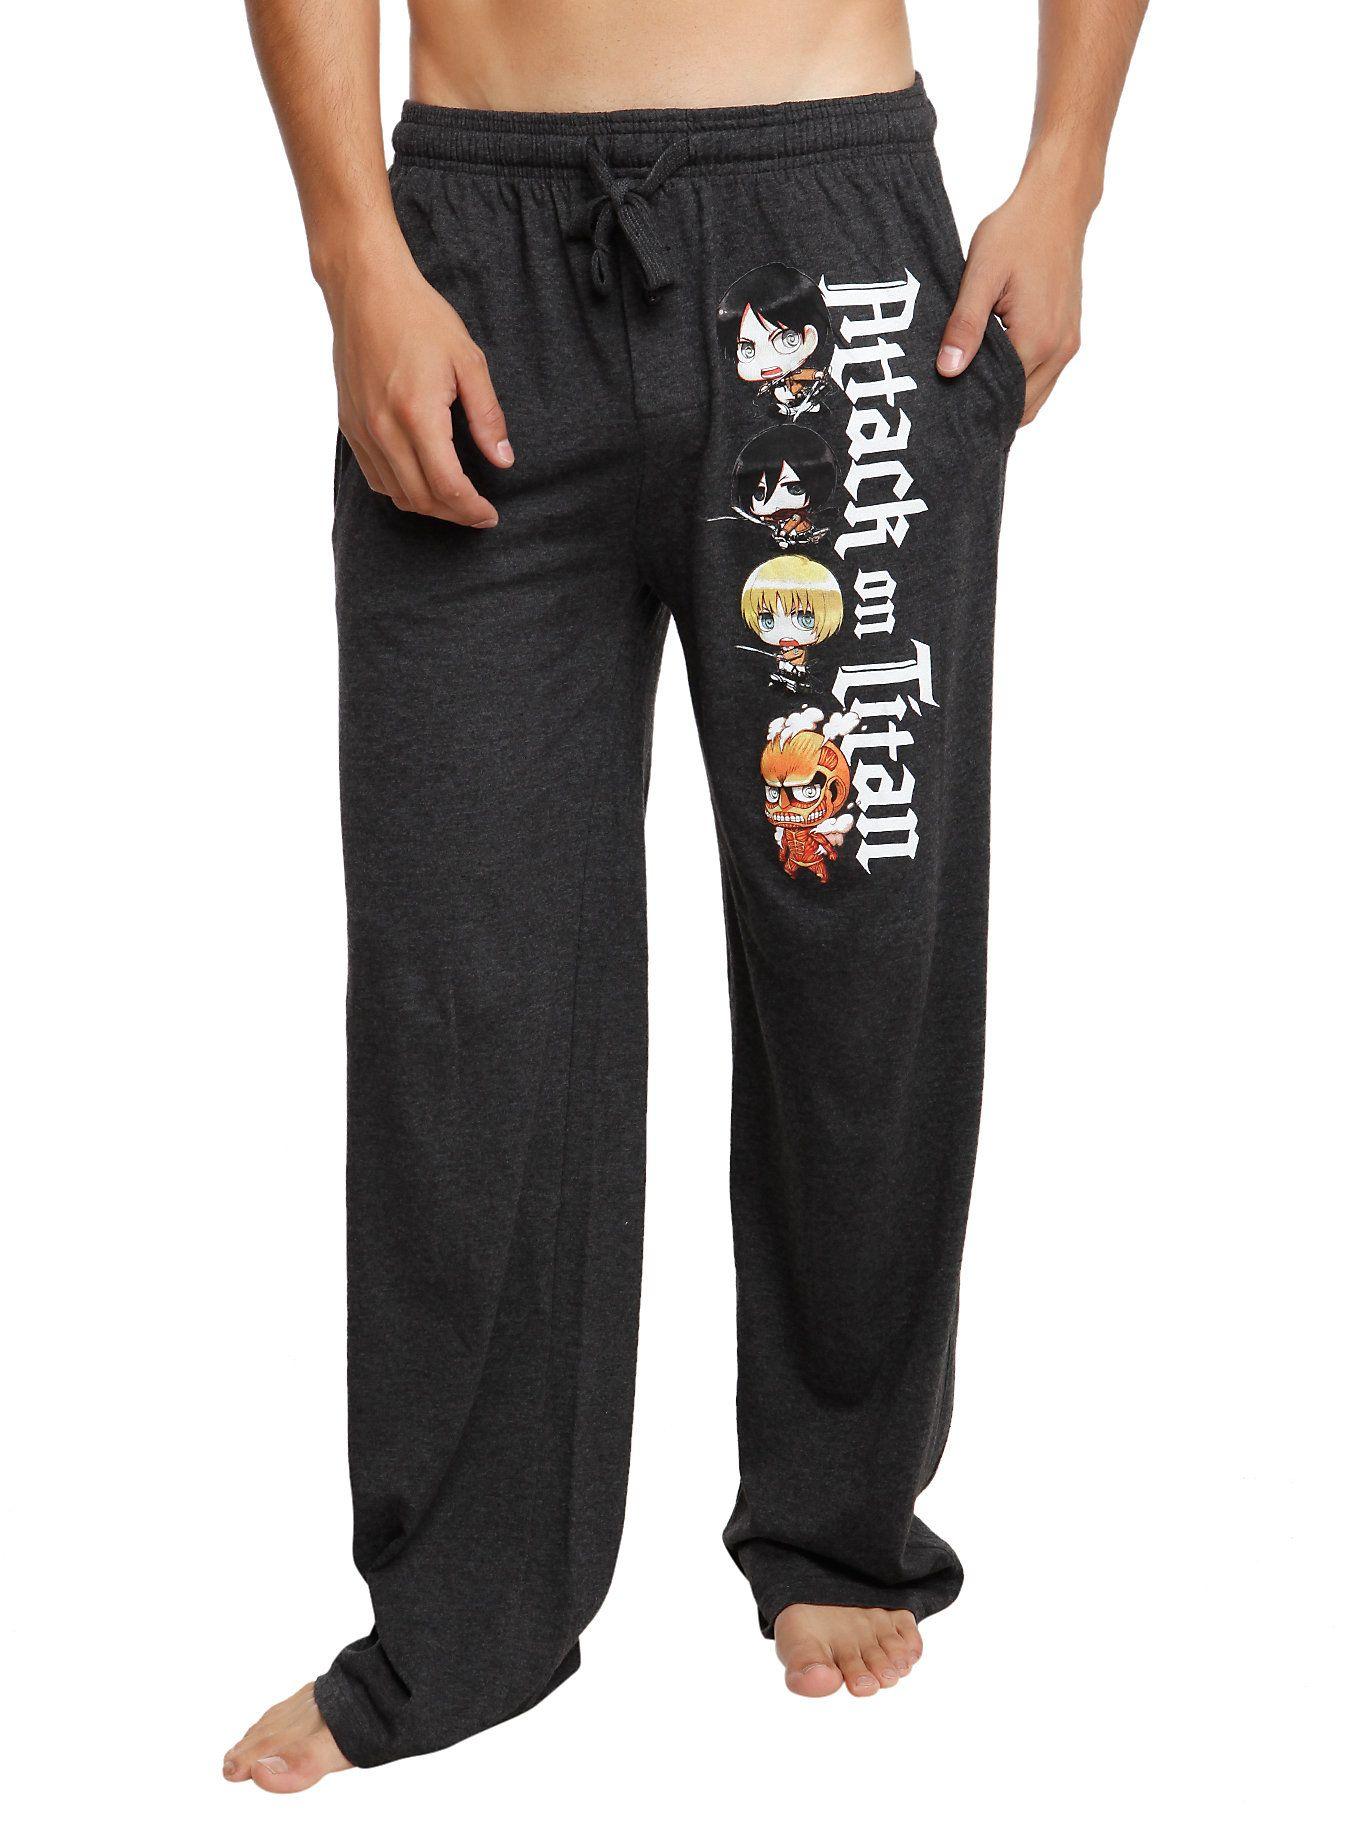 On Titan Chibi Guys Pajama Pants